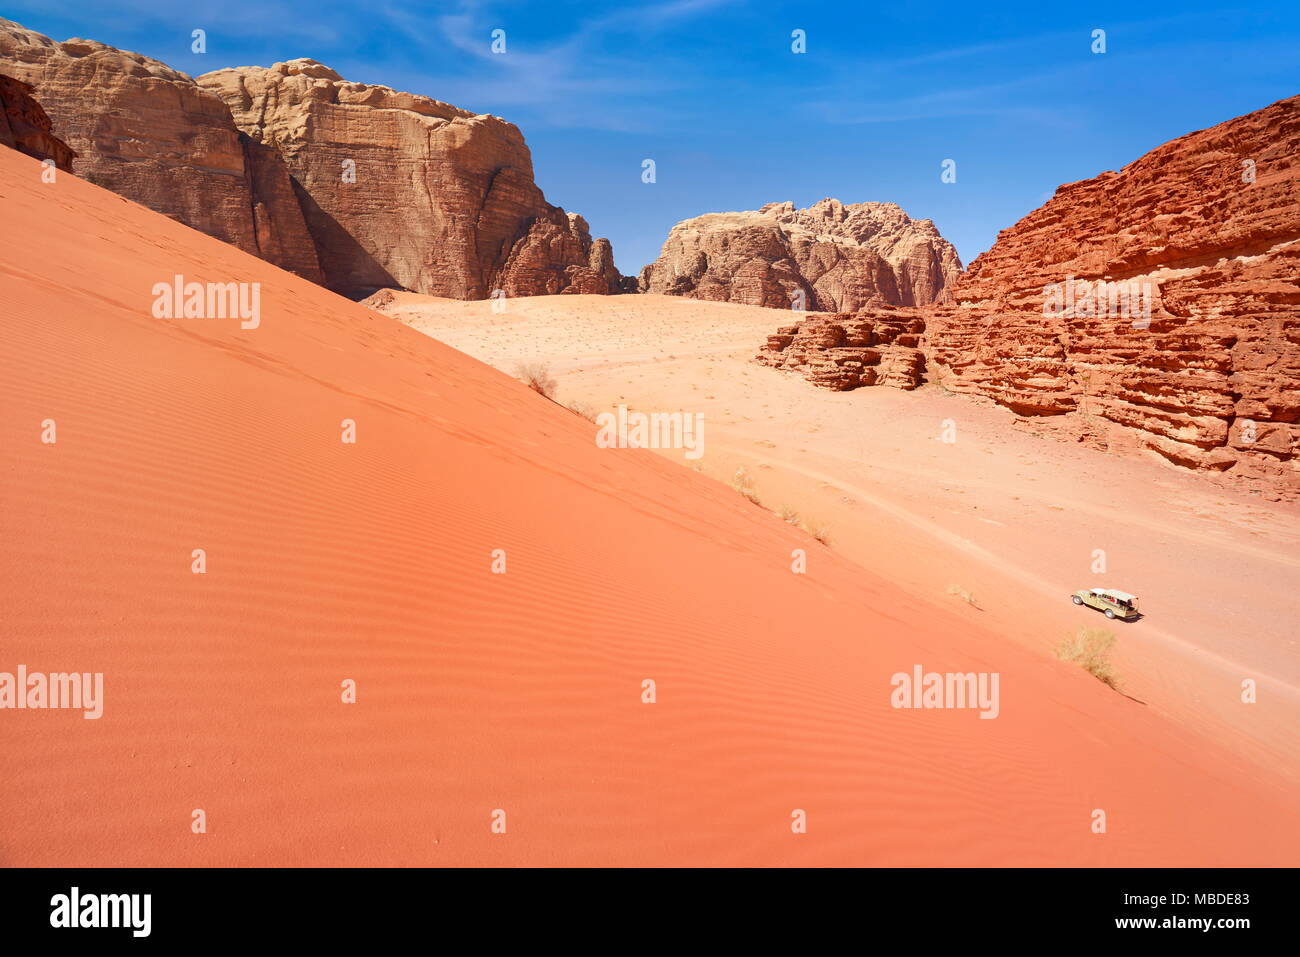 Dune de sable rouge, le désert de Wadi Rum, Jordanie Photo Stock